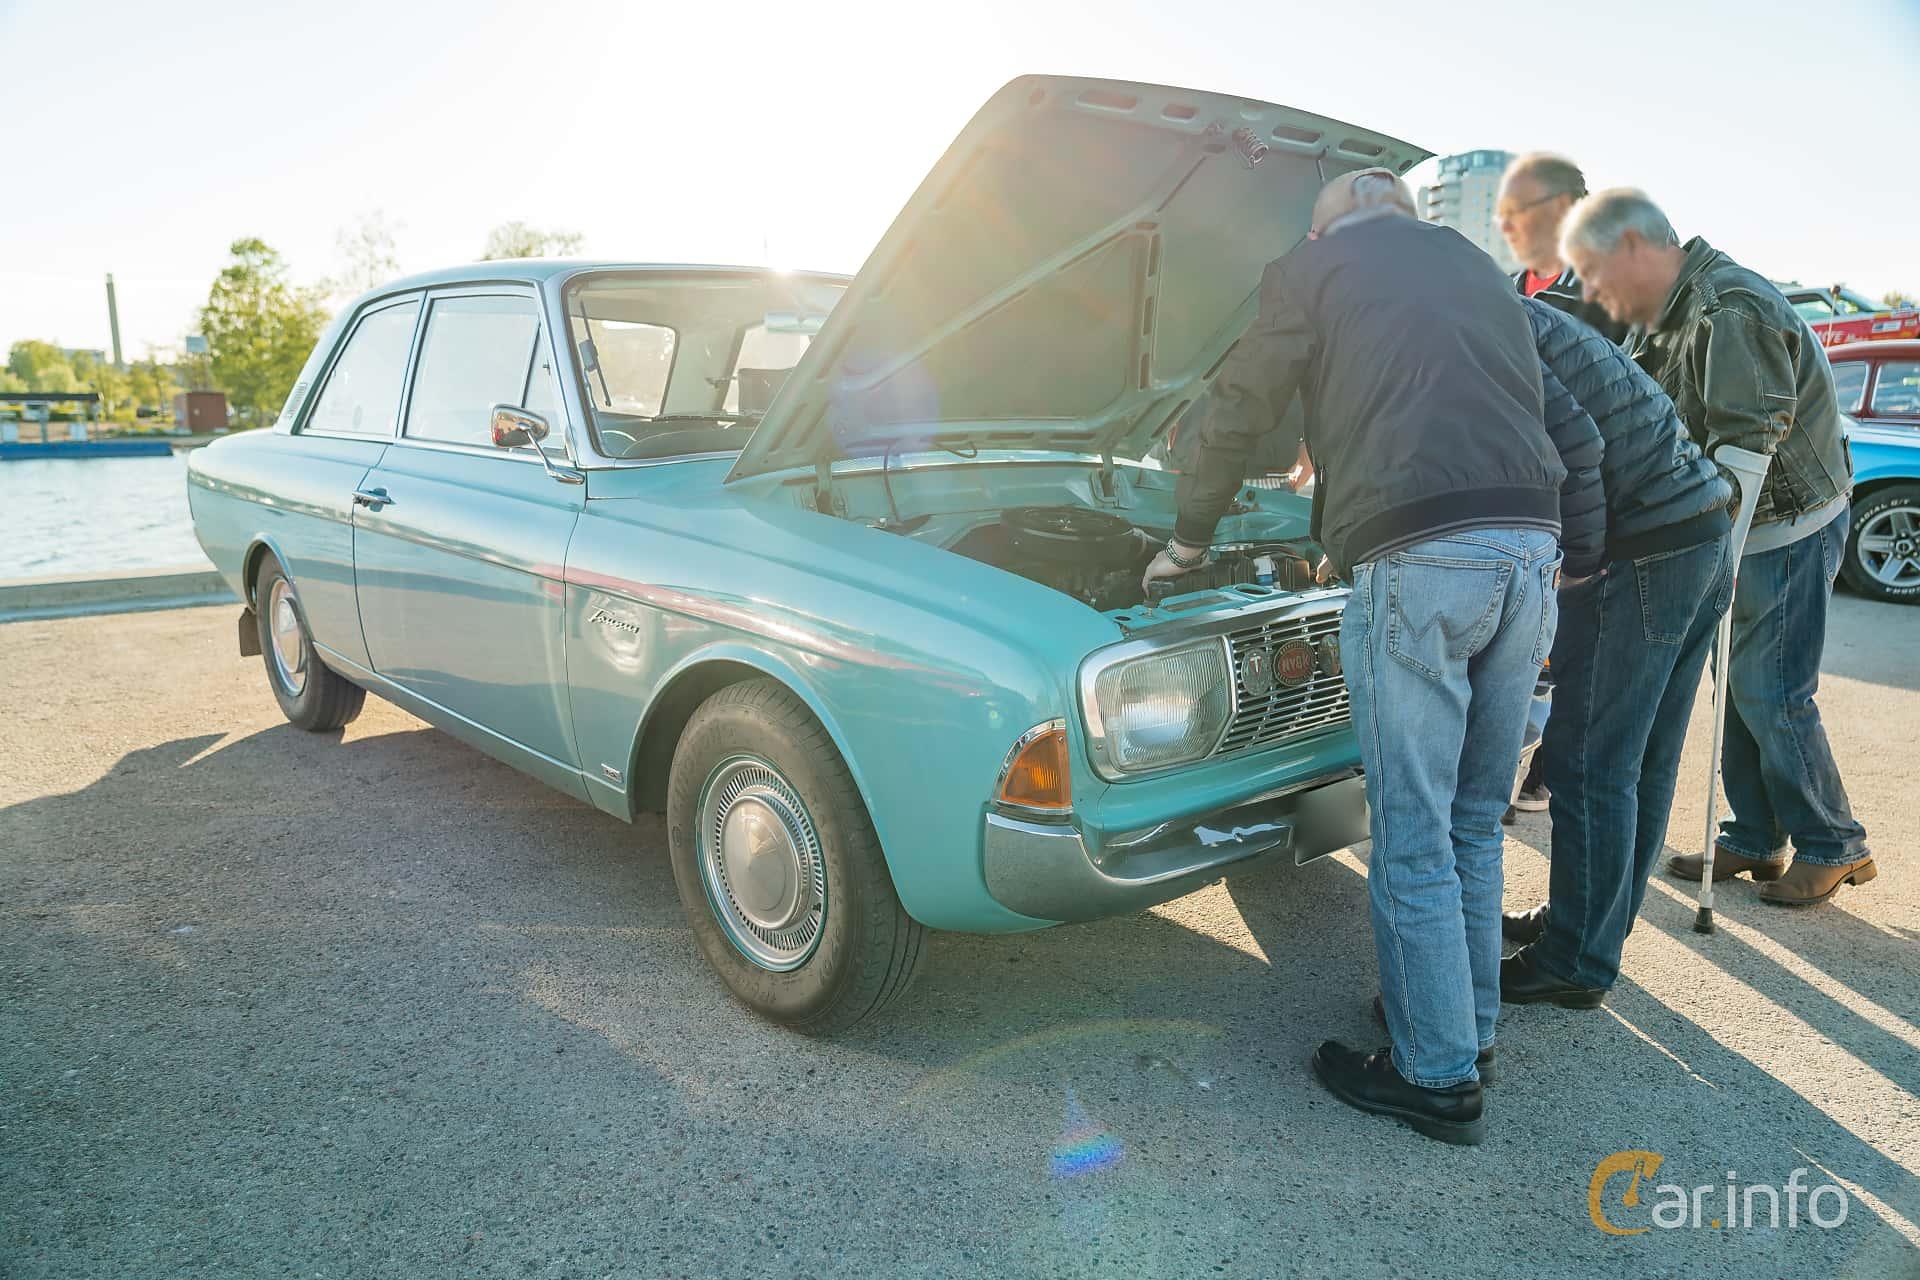 """Ford Taunus 2-door Limousine 1.7 Manual, 71hp, 1965 at Nyköpings hamnträffar 2019 Vecka 20  Tema: """"Kvinnor vid ratten"""""""